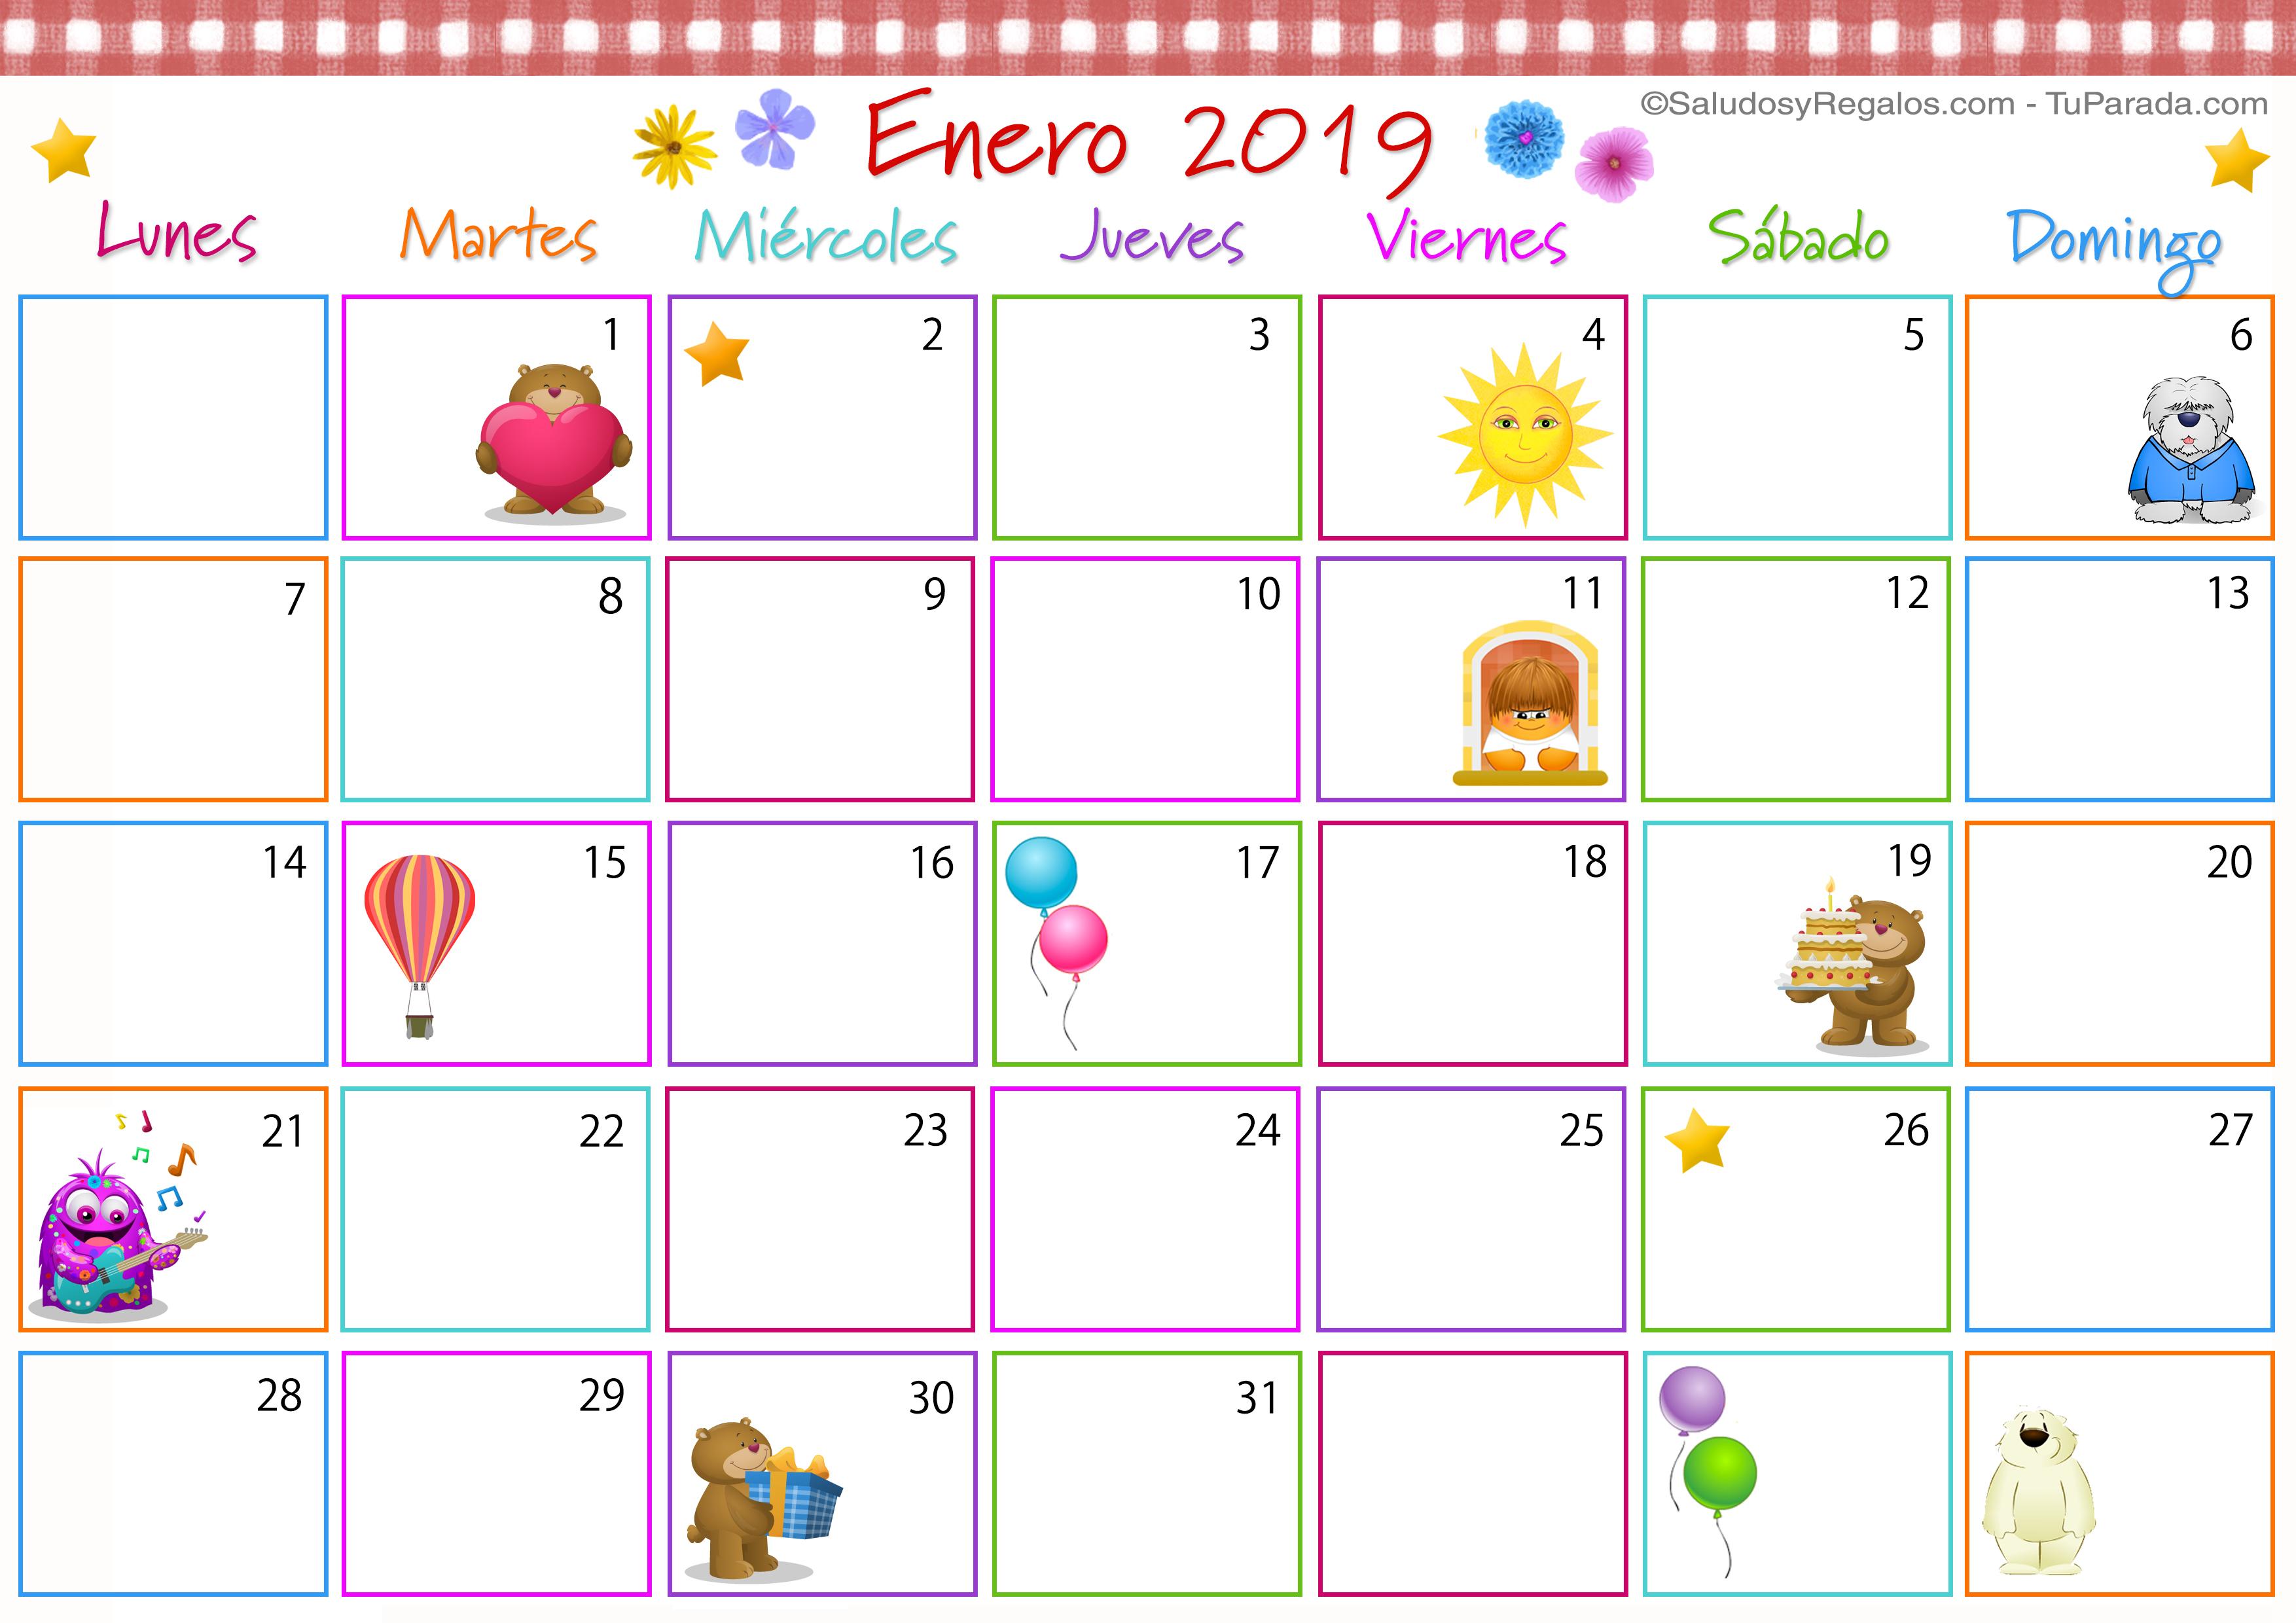 Calendario Multicolor Enero 2019 Calendario Multicolor 2019